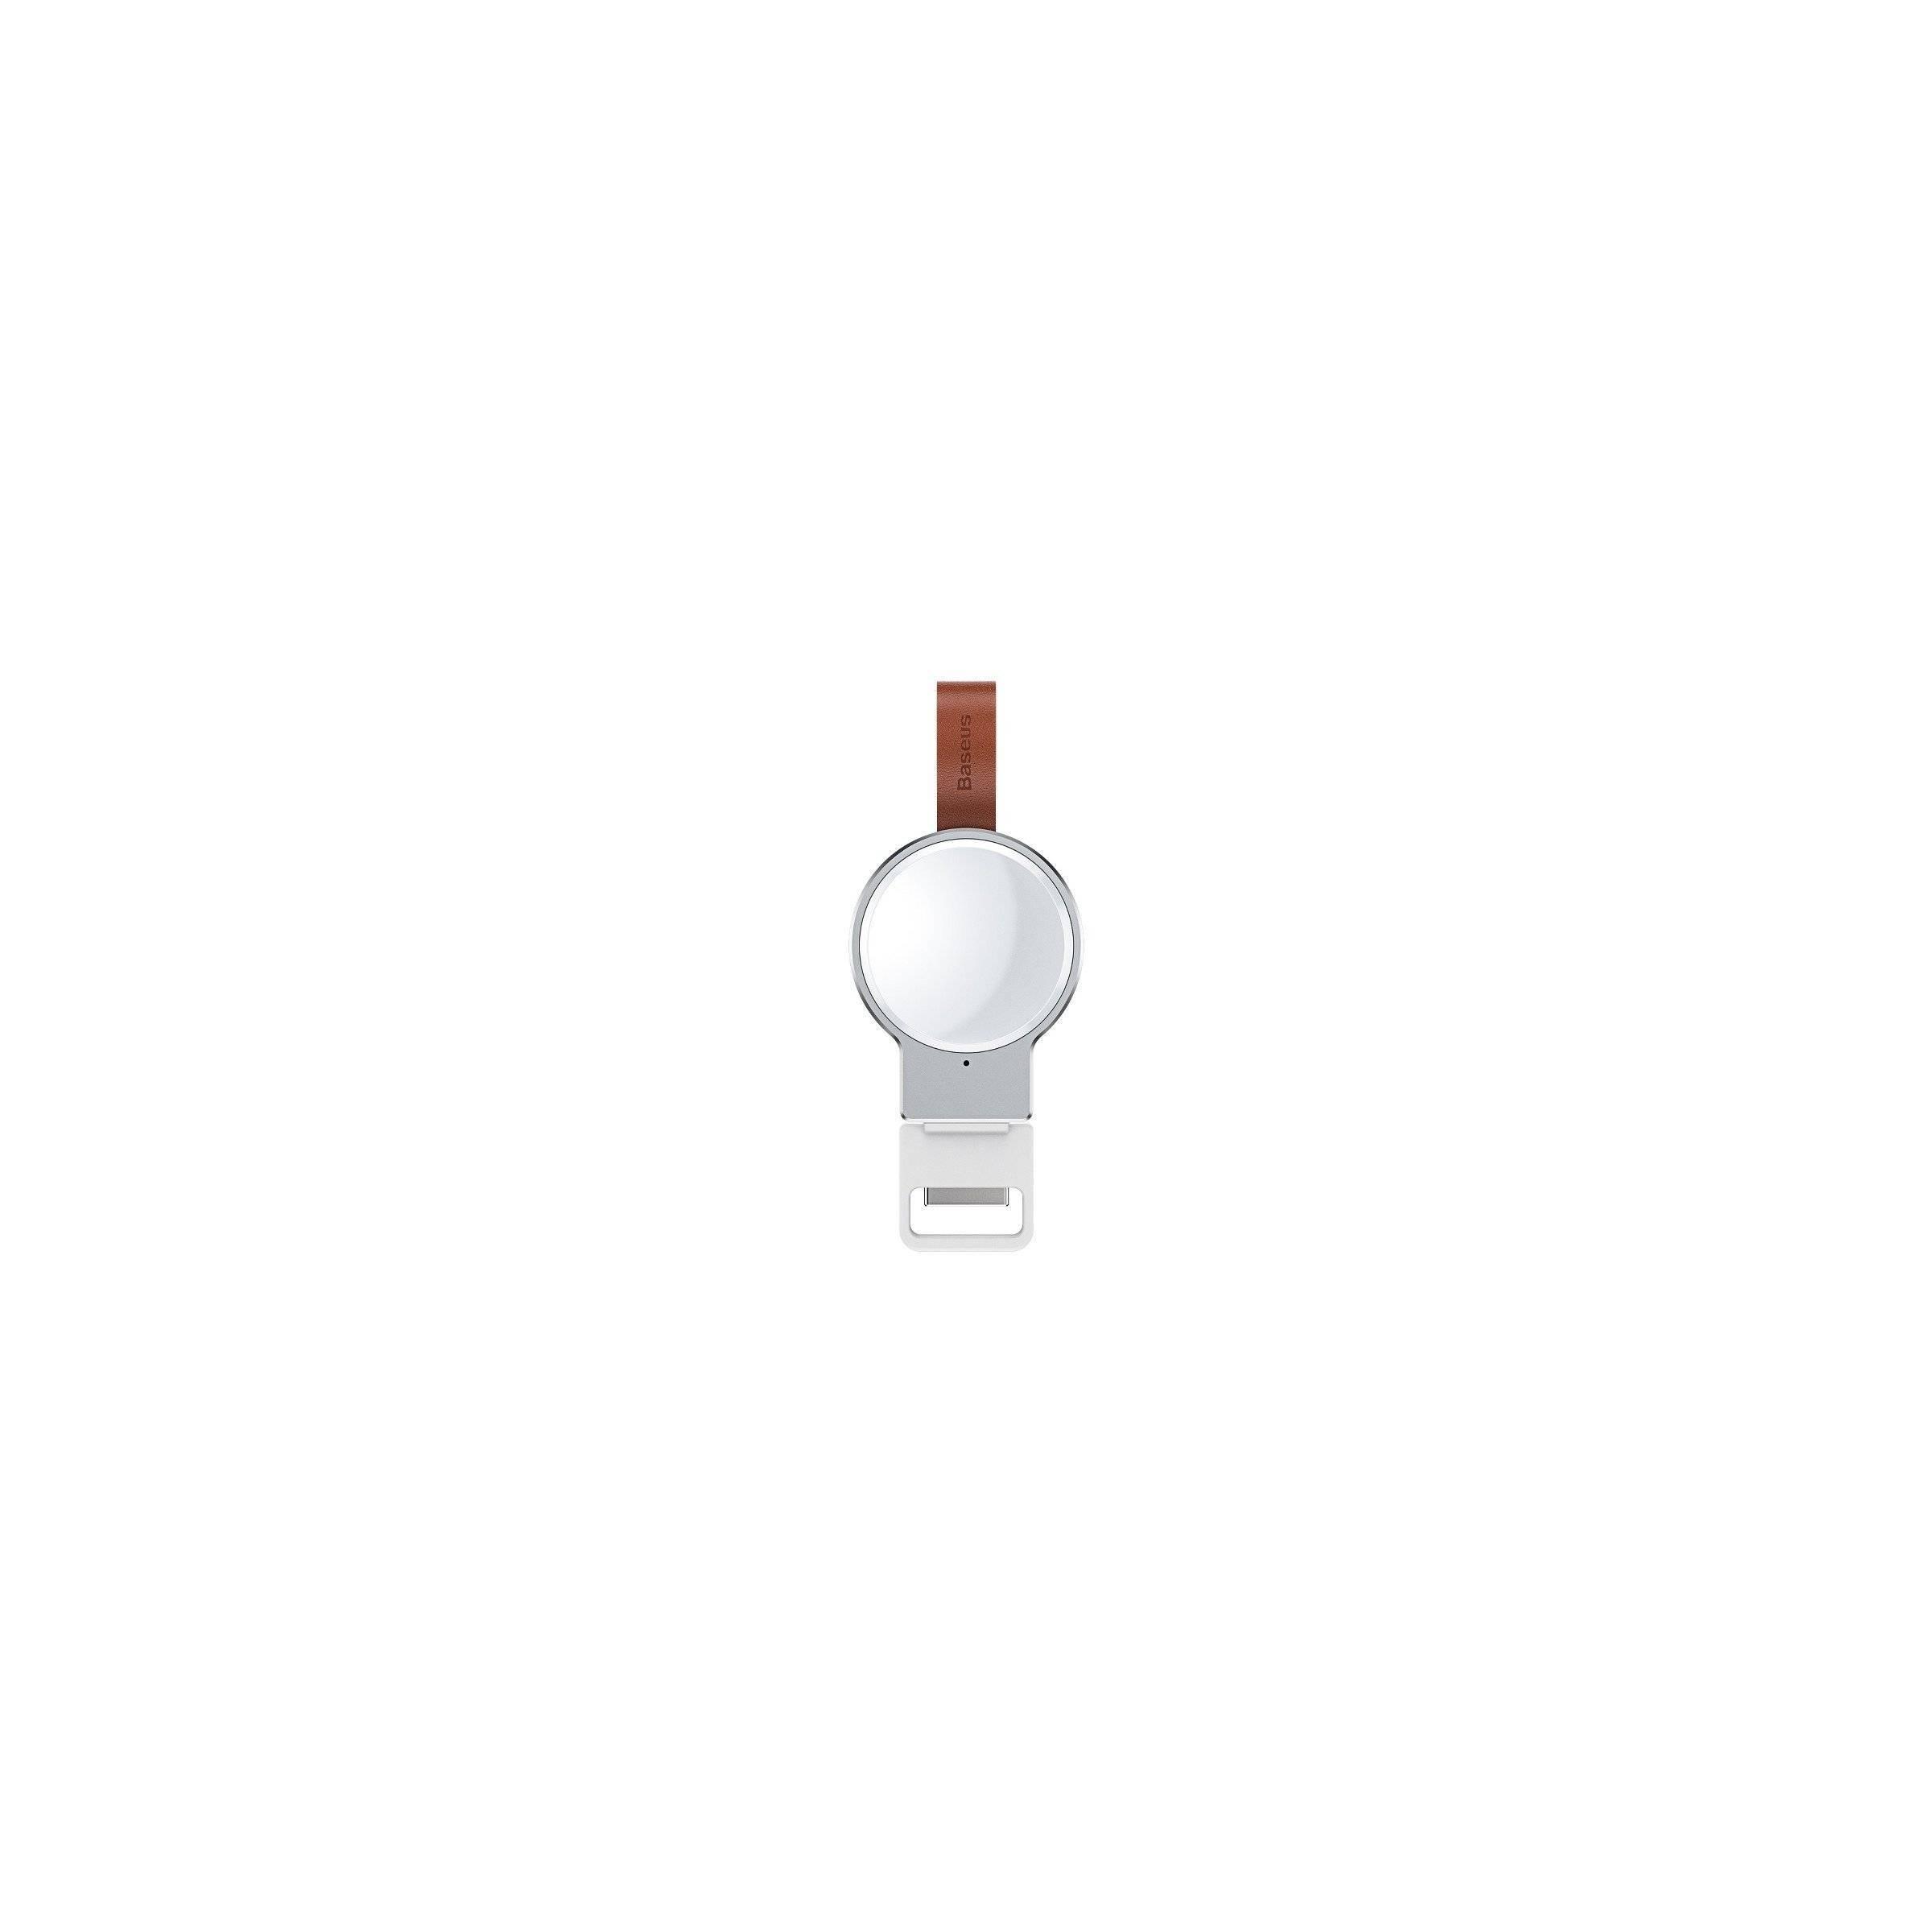 Billede af Baseus Dotter trådløs oplader til Apple Watch